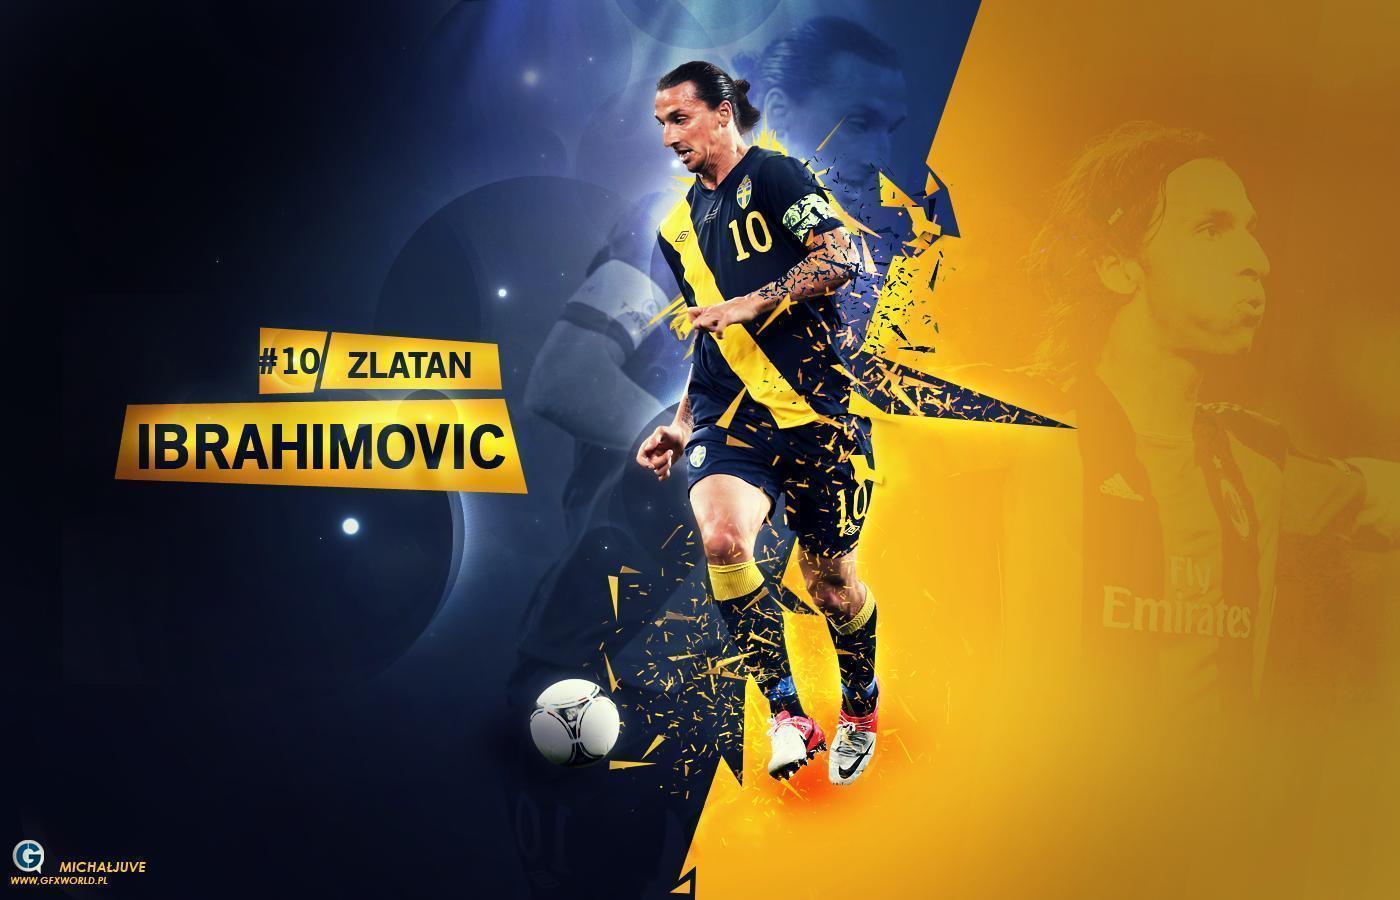 ibrahimovic wallpaper - photo #2